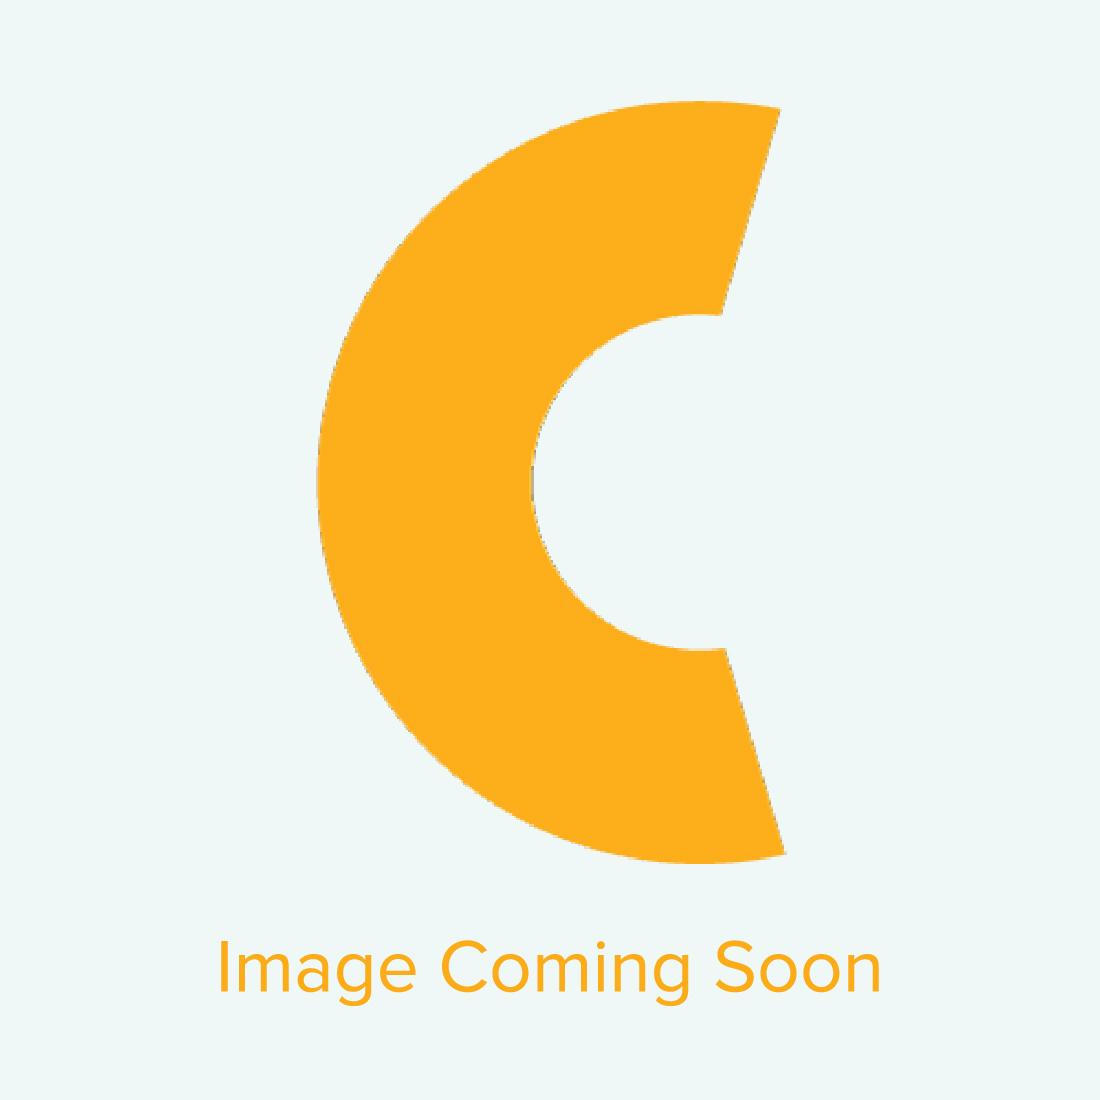 OKI Data C711WT Replacement Image Drum